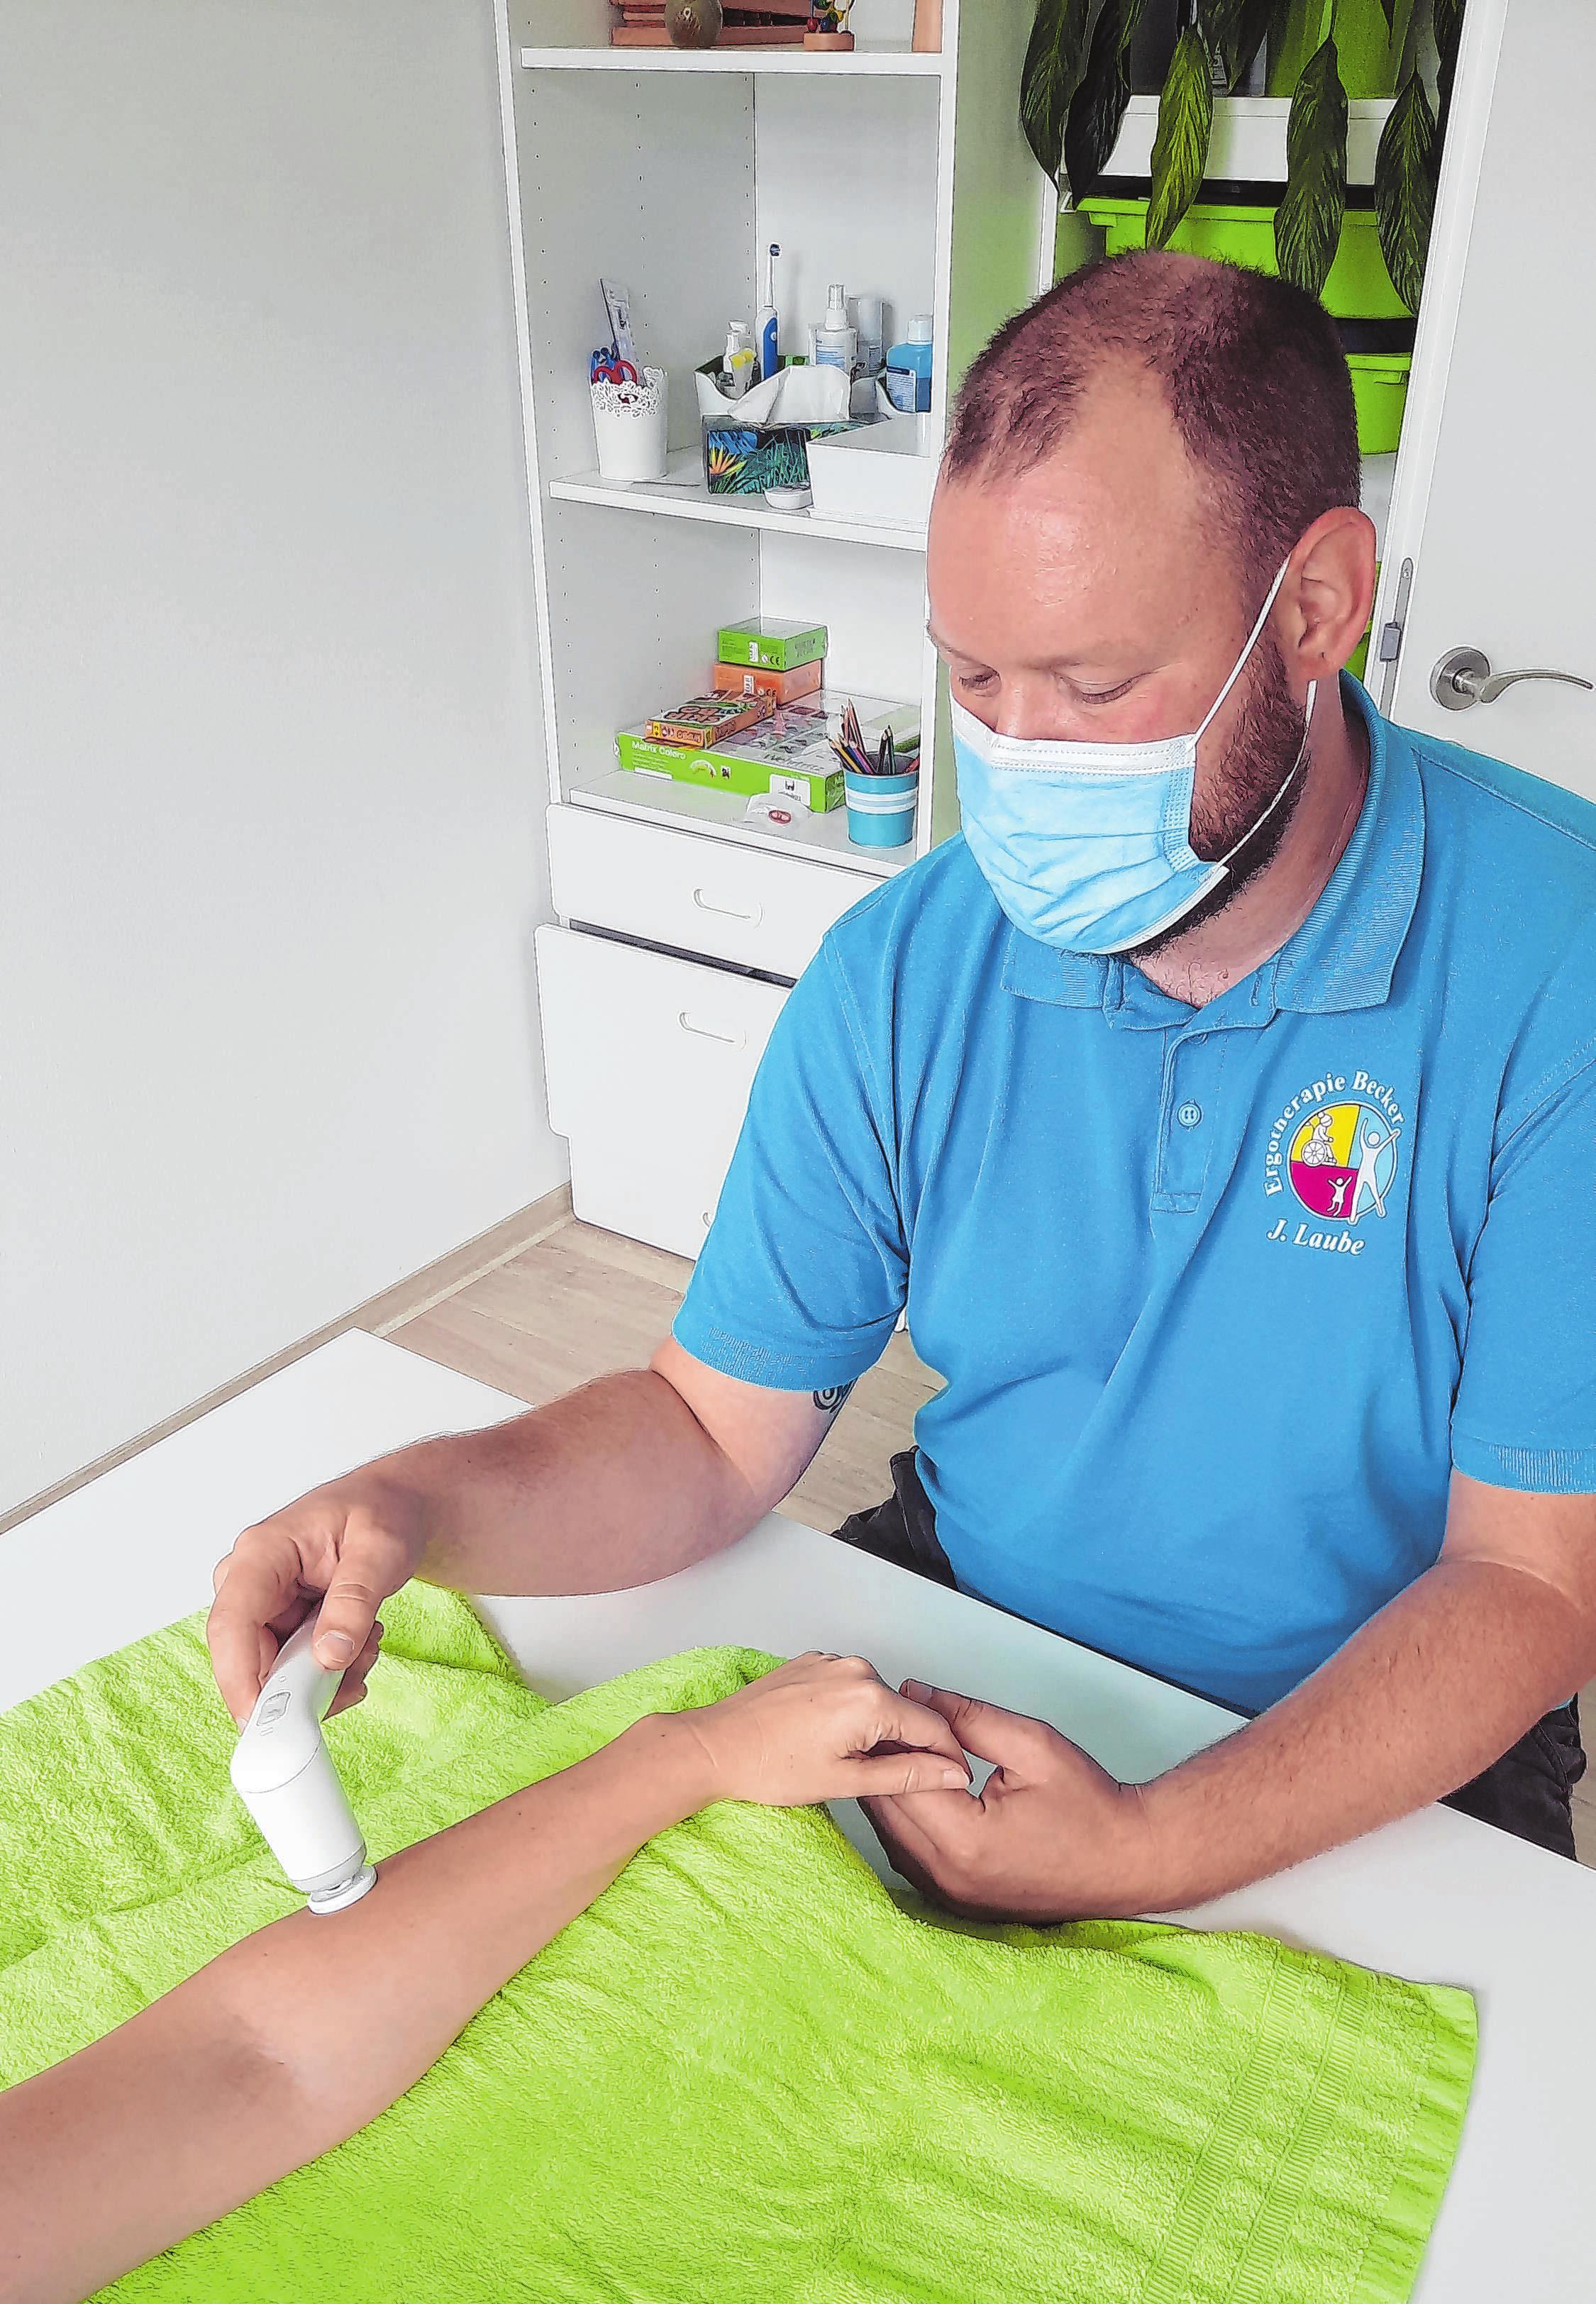 Die Massage-Lockerung dient der Entspannung der Muskulatur und Gelenke für eine bessere Durchblutung, grade nach Unfällen oder verschiedensten Krankheitsbildern.